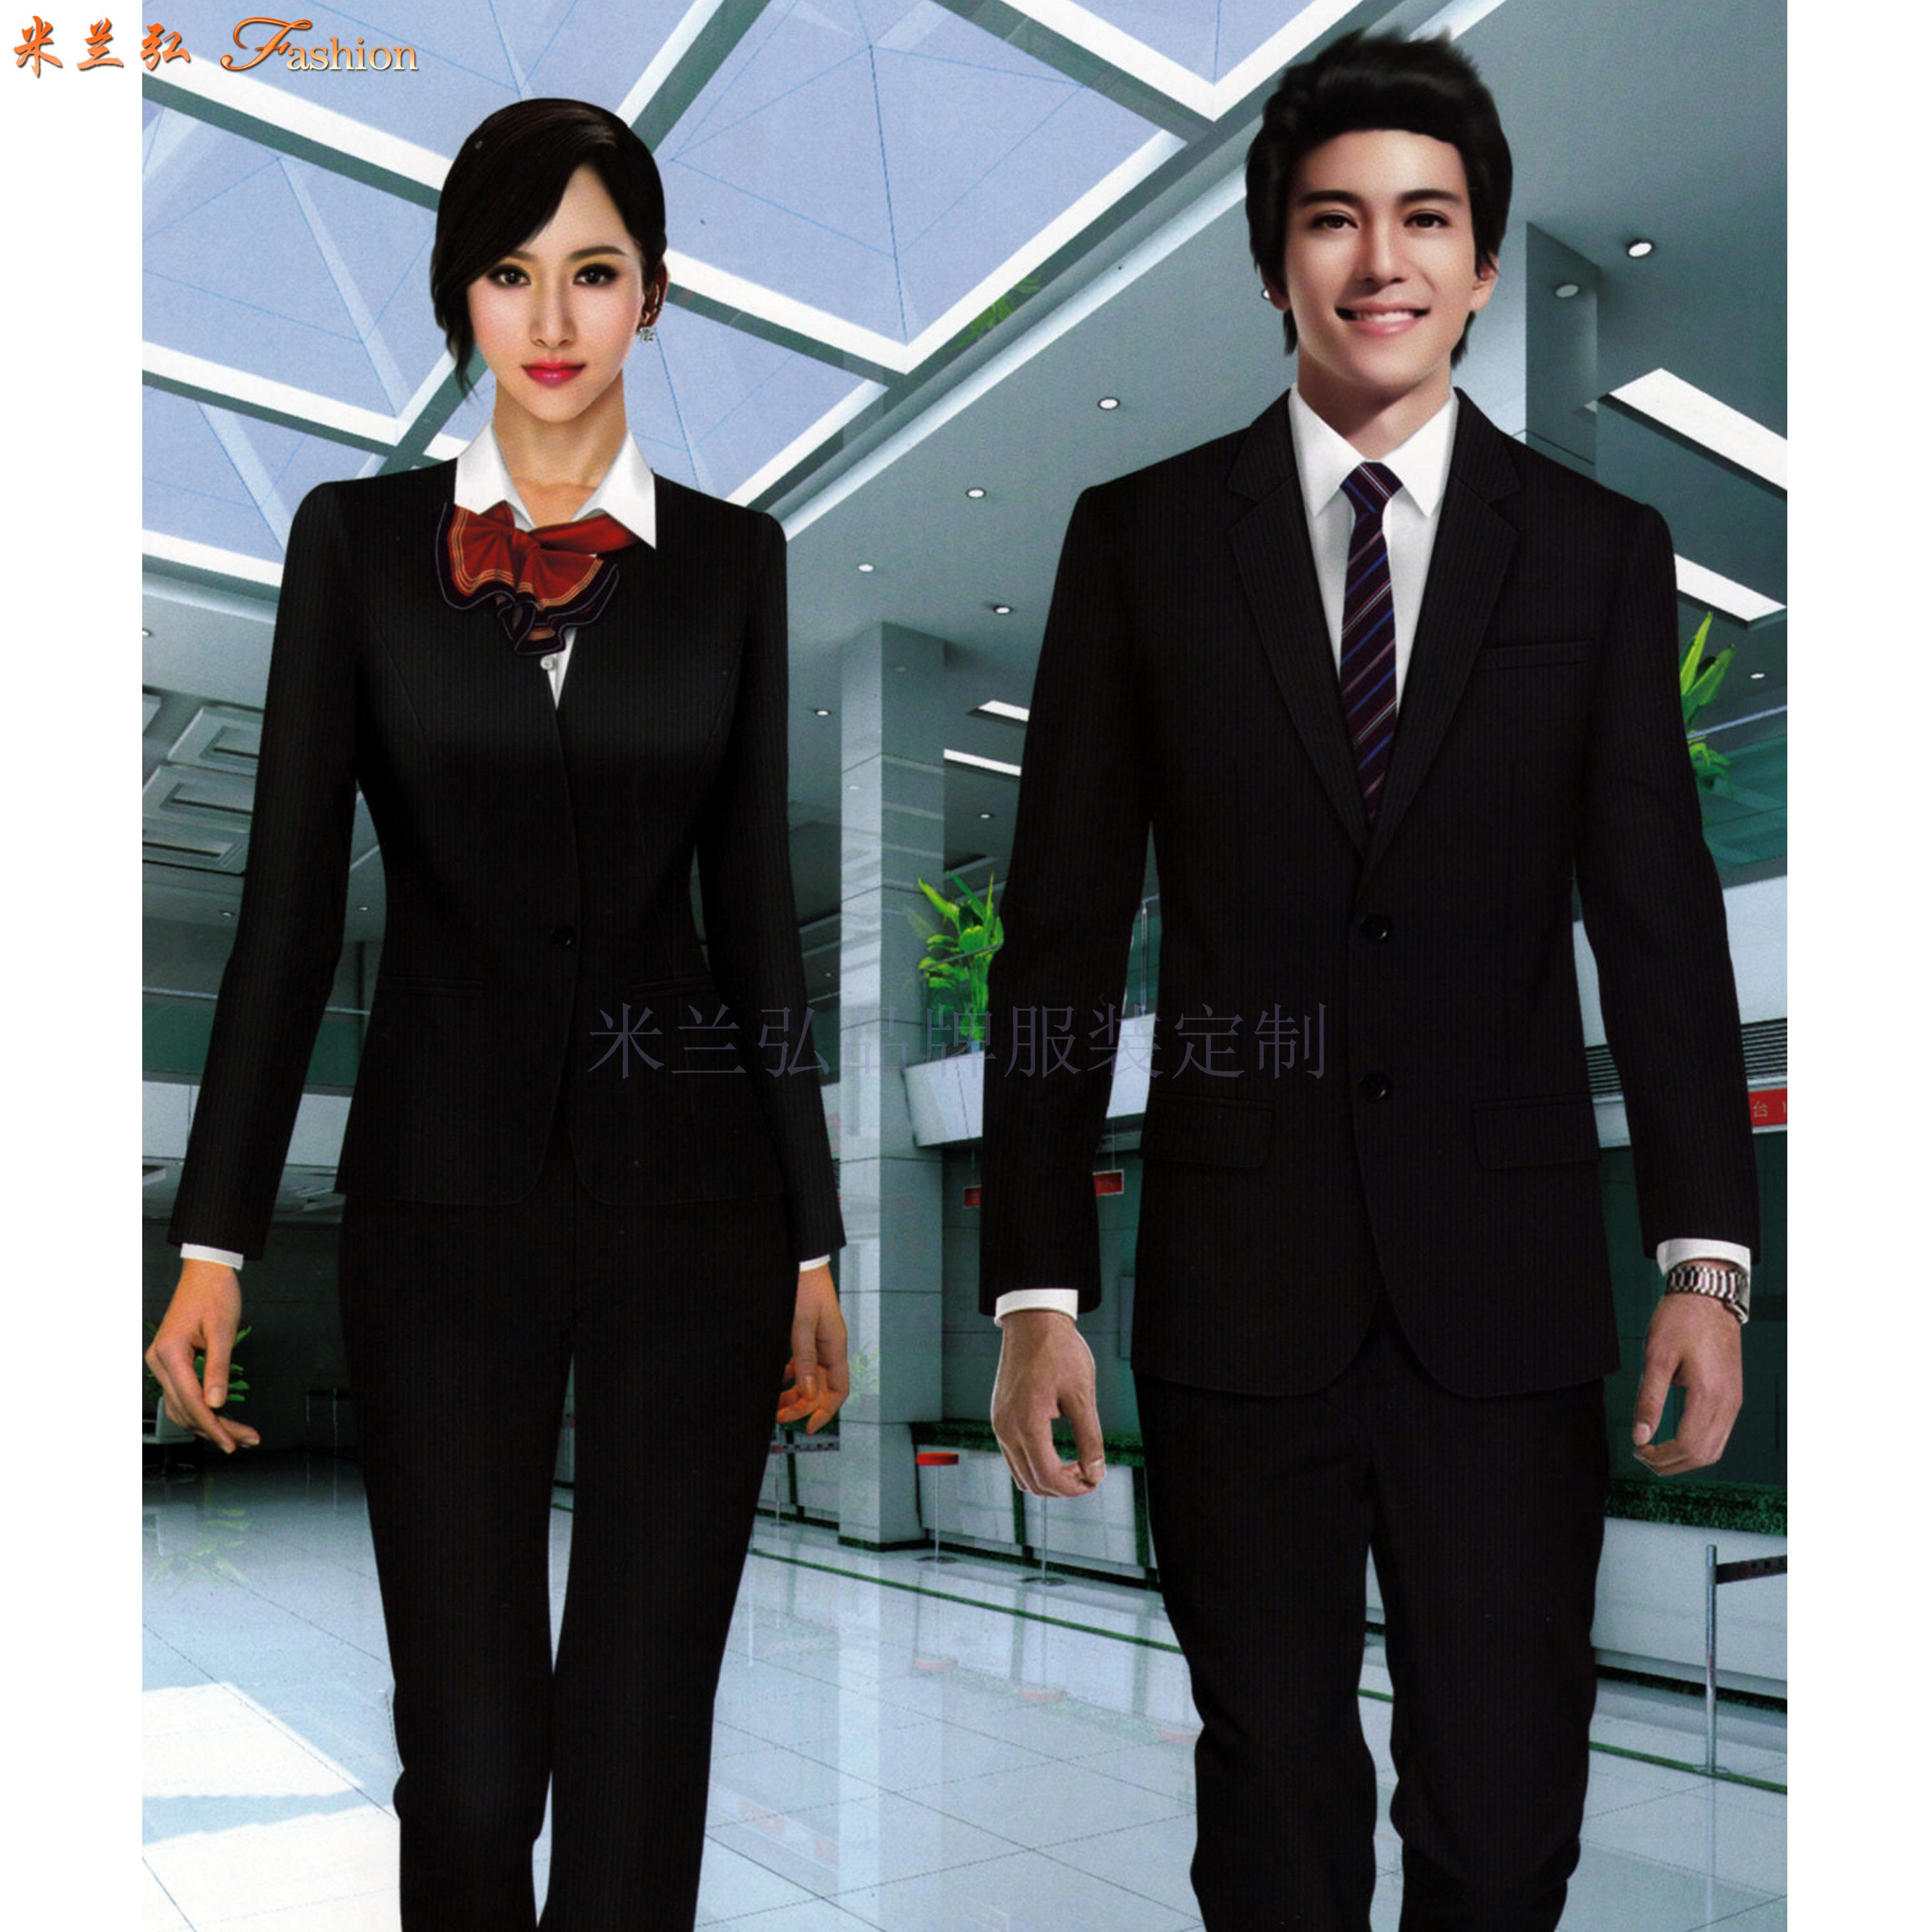 「北京西裝定制」「北京西裝訂制」-米蘭弘品牌西裝👍-1